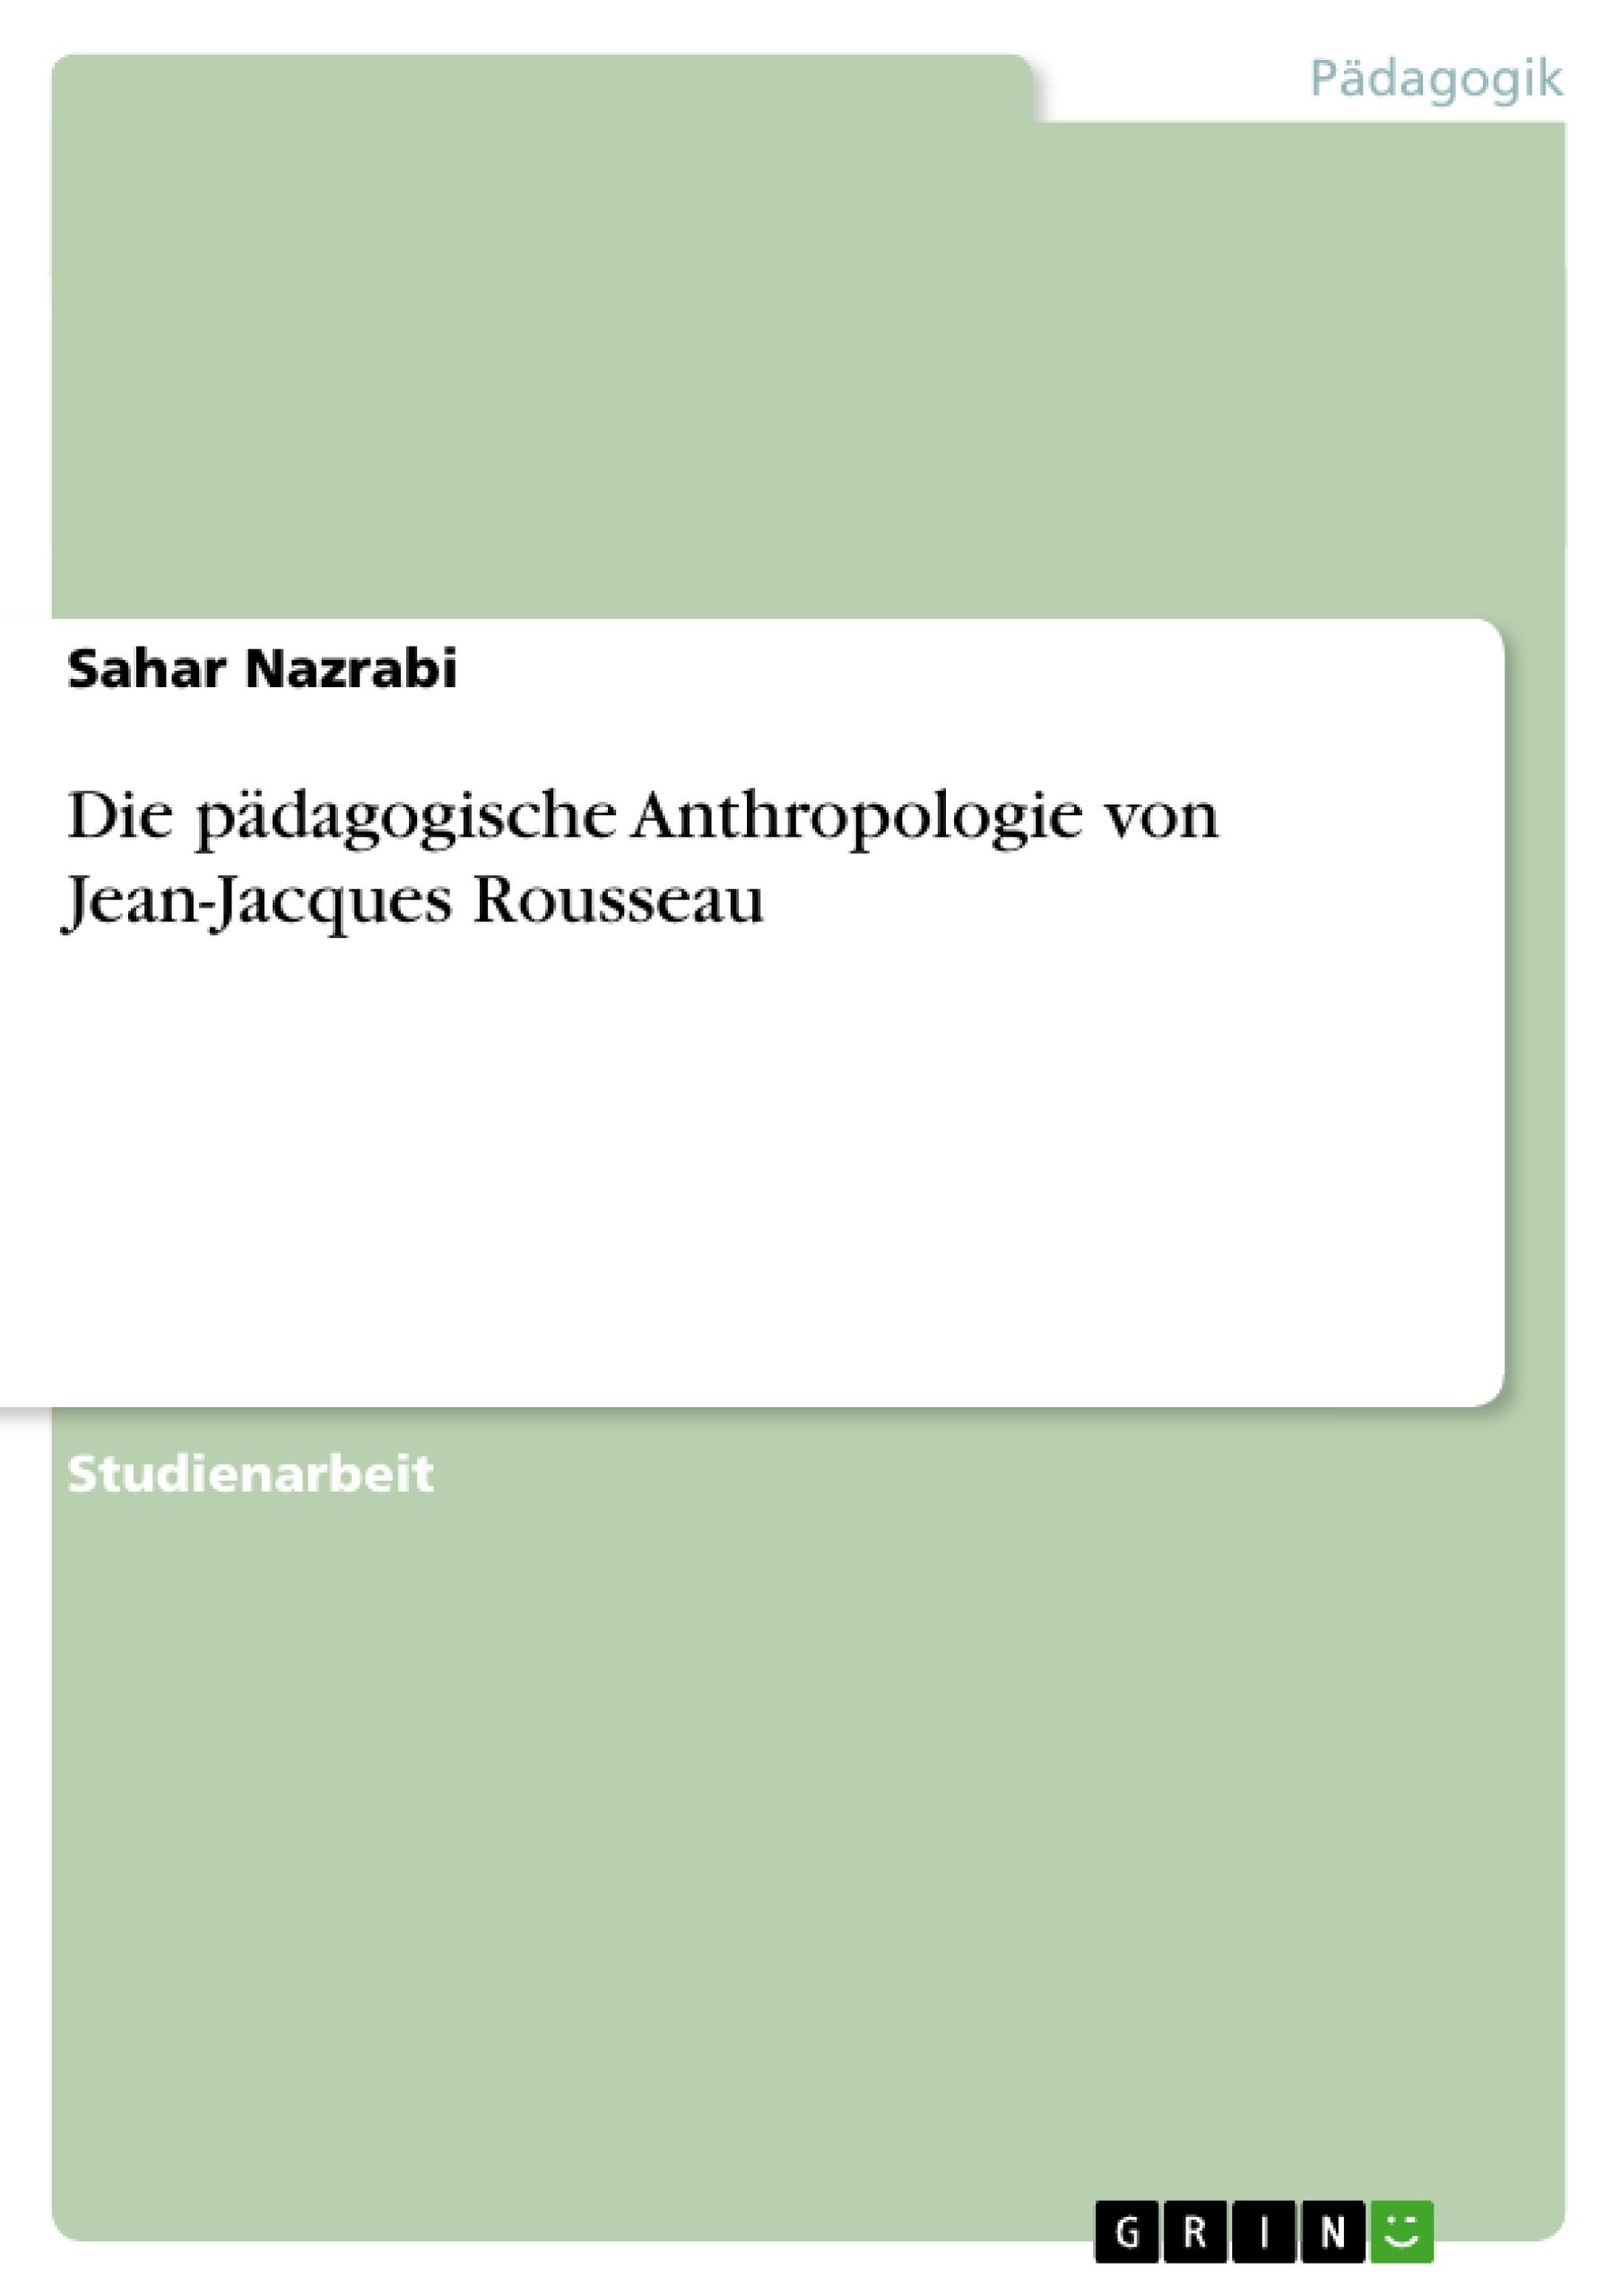 Titel: Die pädagogische Anthropologie von Jean-Jacques Rousseau